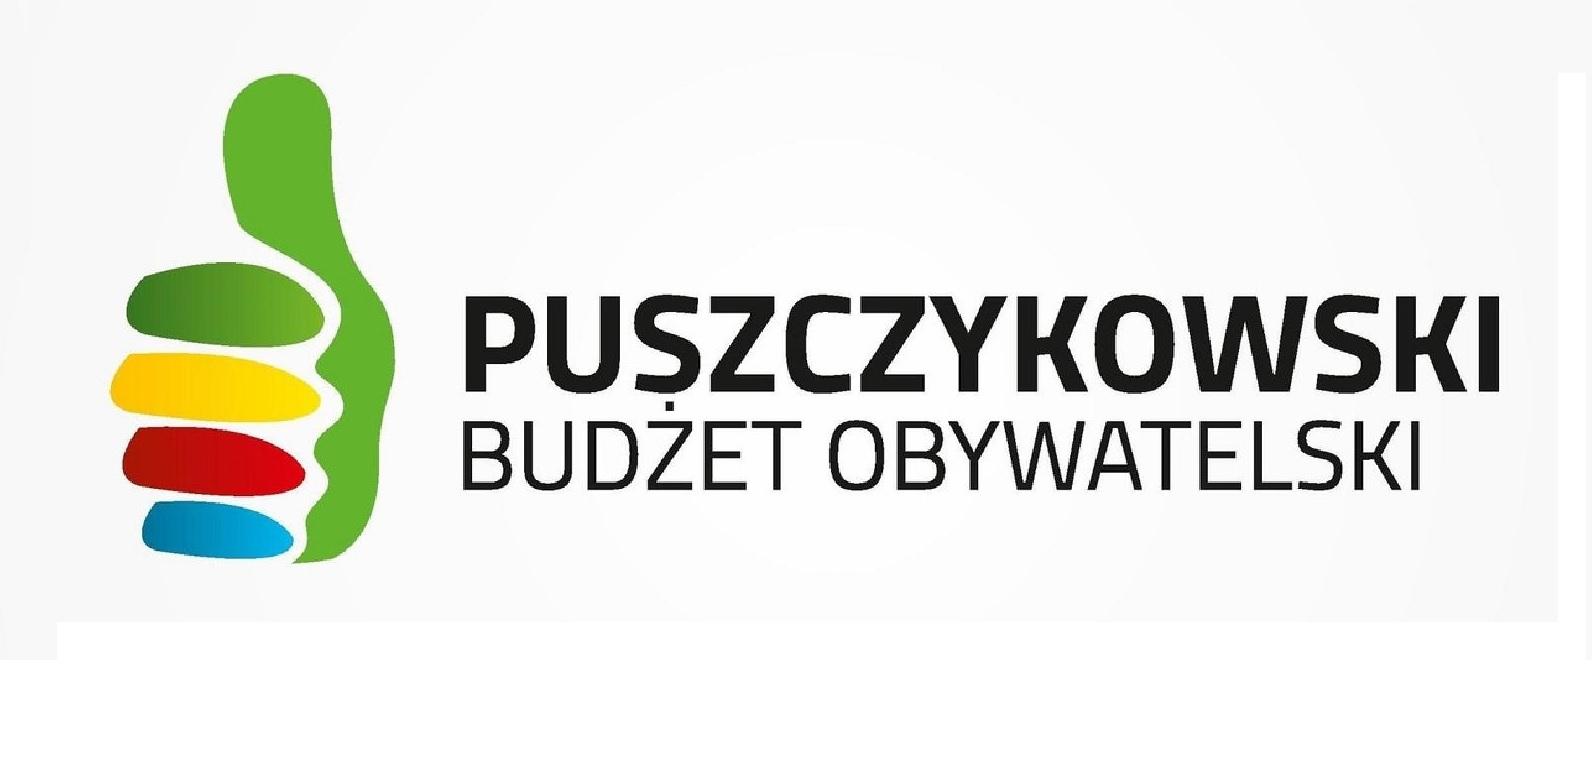 Logotyp Budżet Obywatelski Puszczykowo